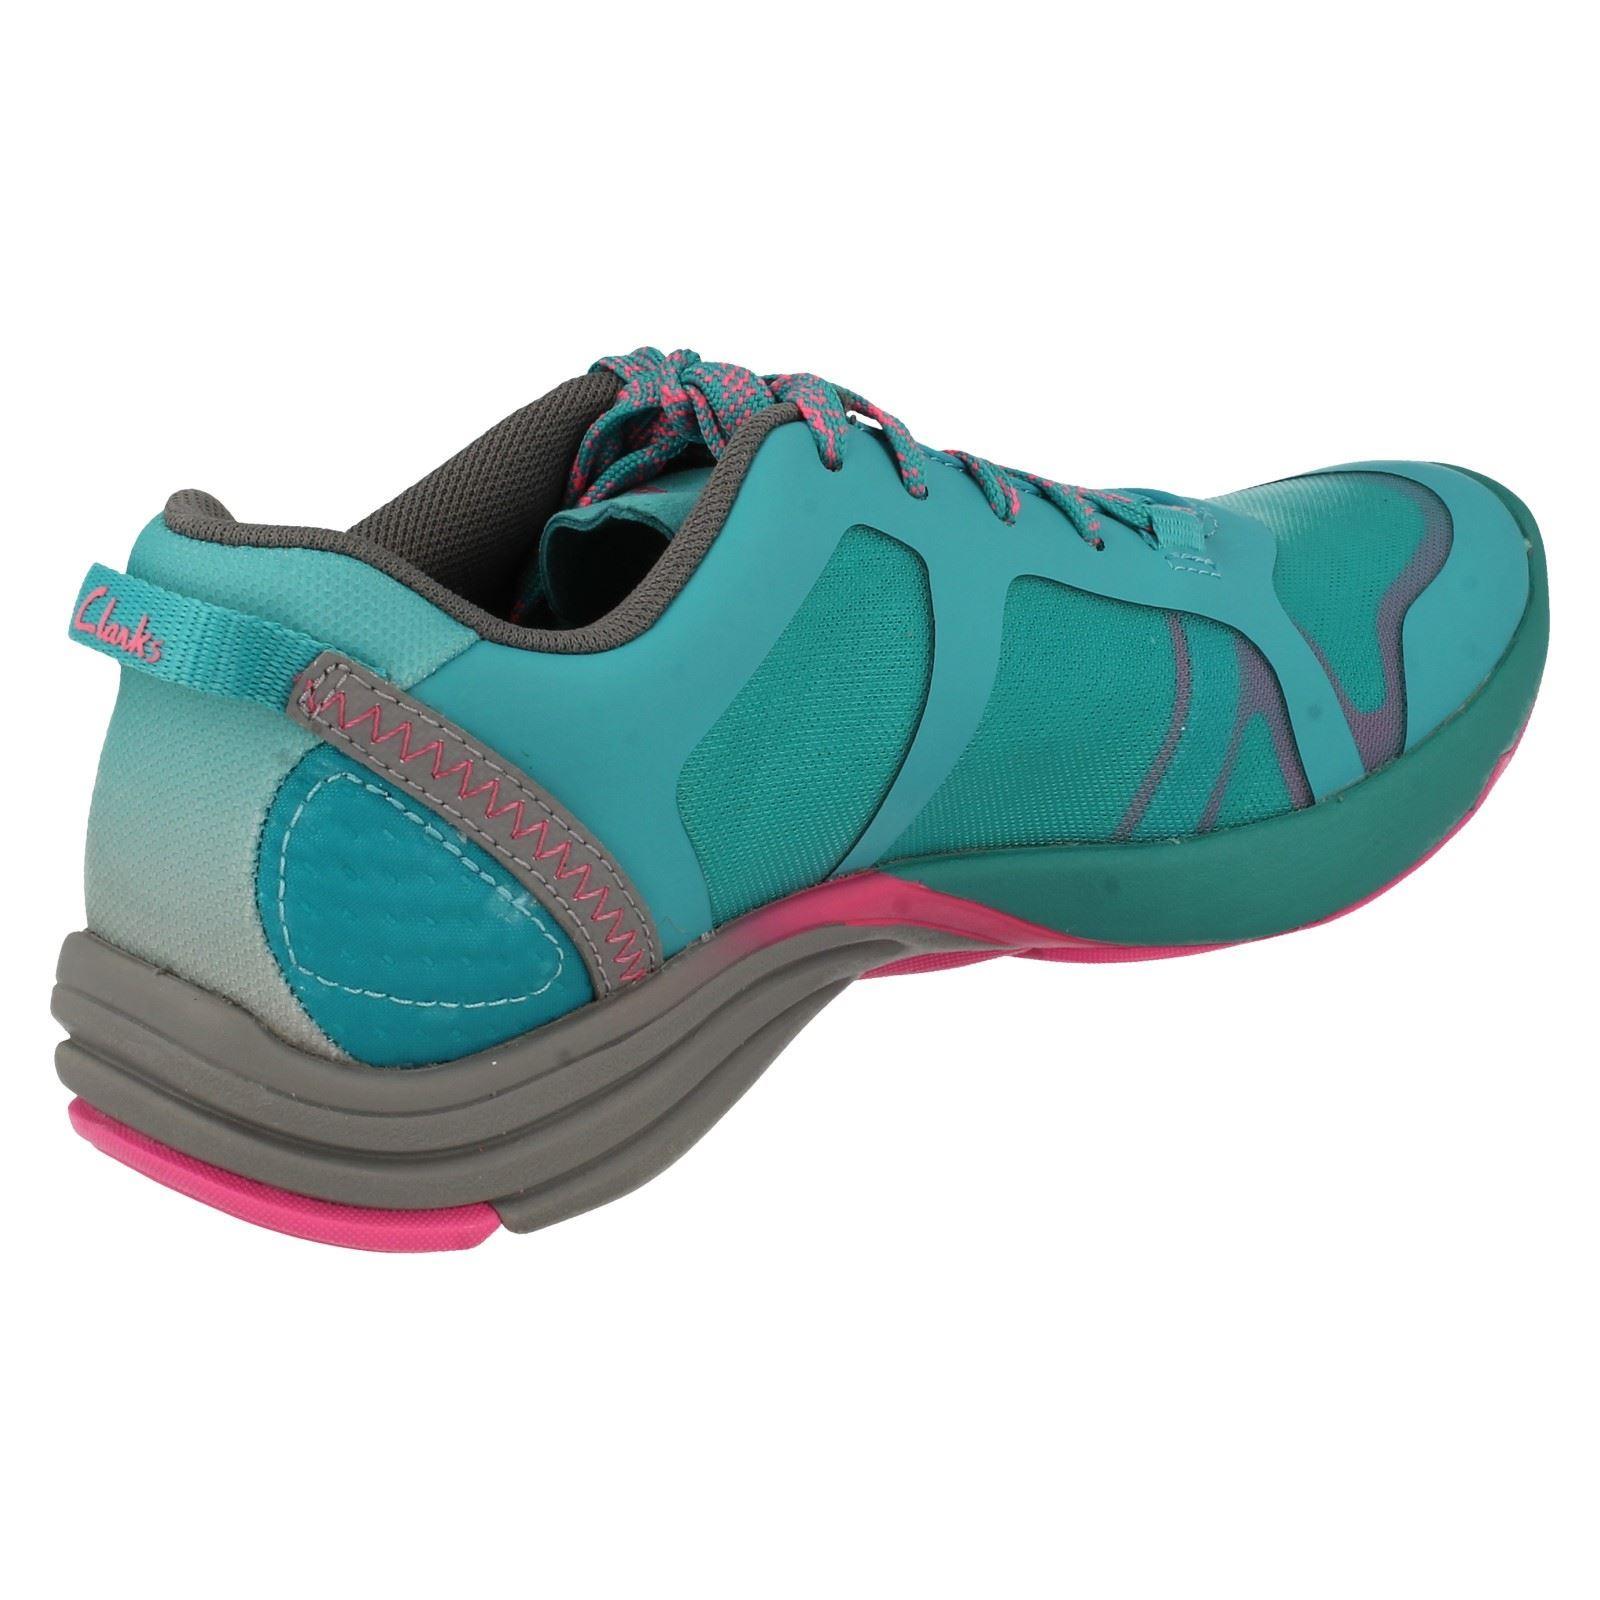 wholesale dealer ca312 577cd ... Baskets Femme Femme Femme Clarks casuals style-Wave kick 489ee8 ...